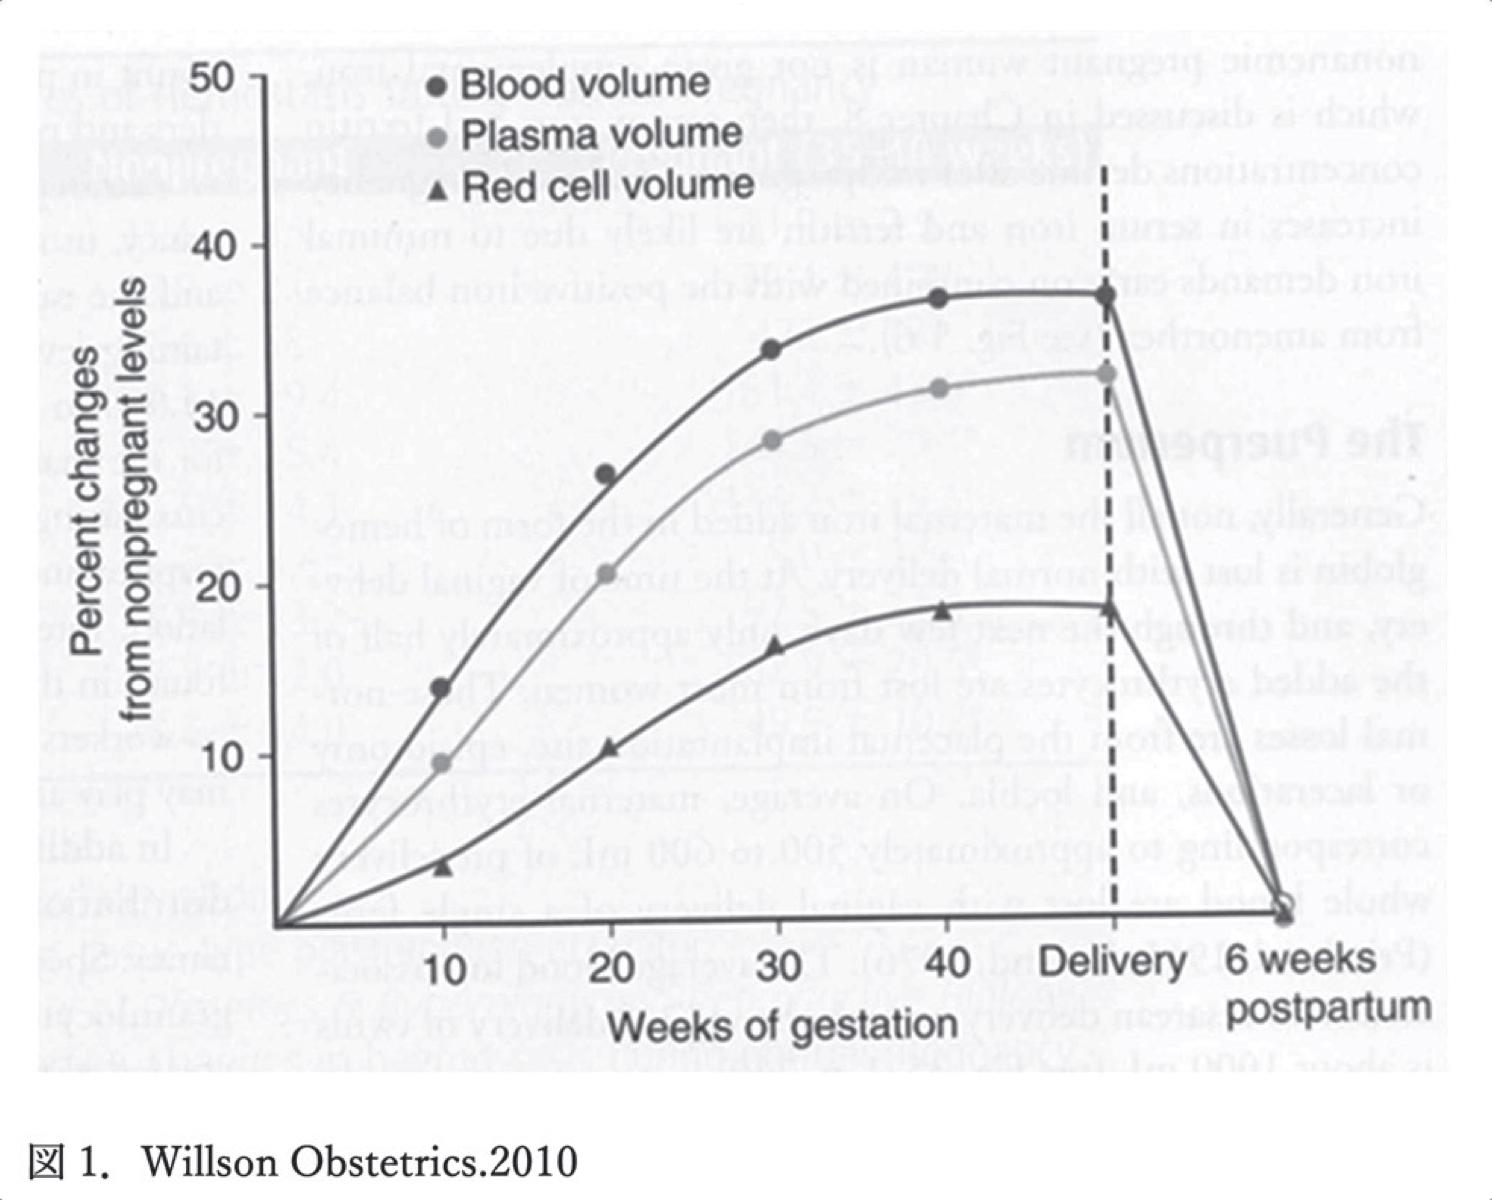 図1. Willson Obstetrics.2010